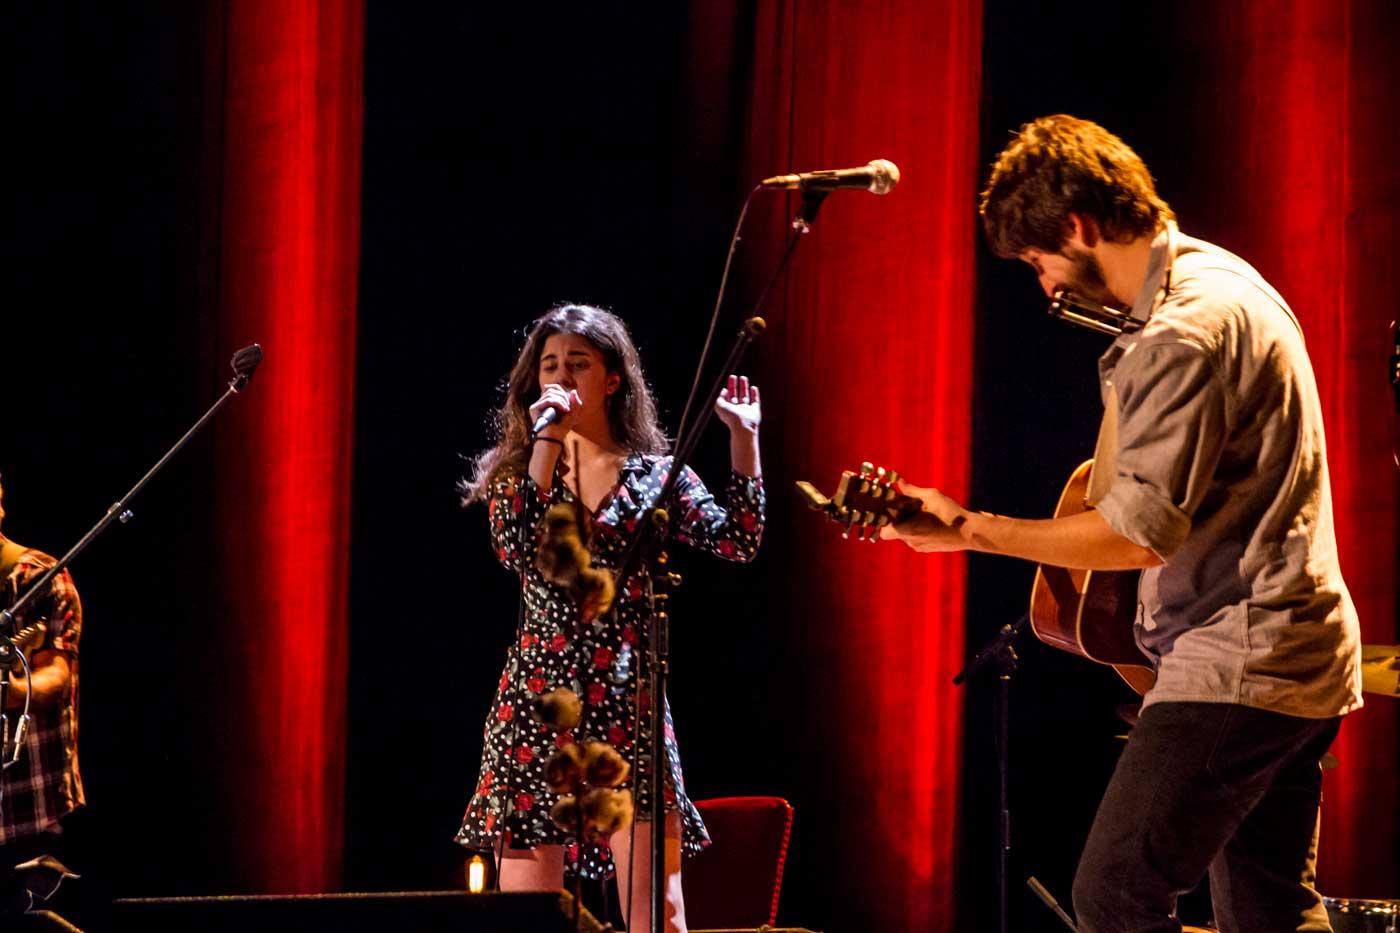 El ciclo BESTE BAT! ofrecerá más de 250 conciertos y espectáculos en Euskadi